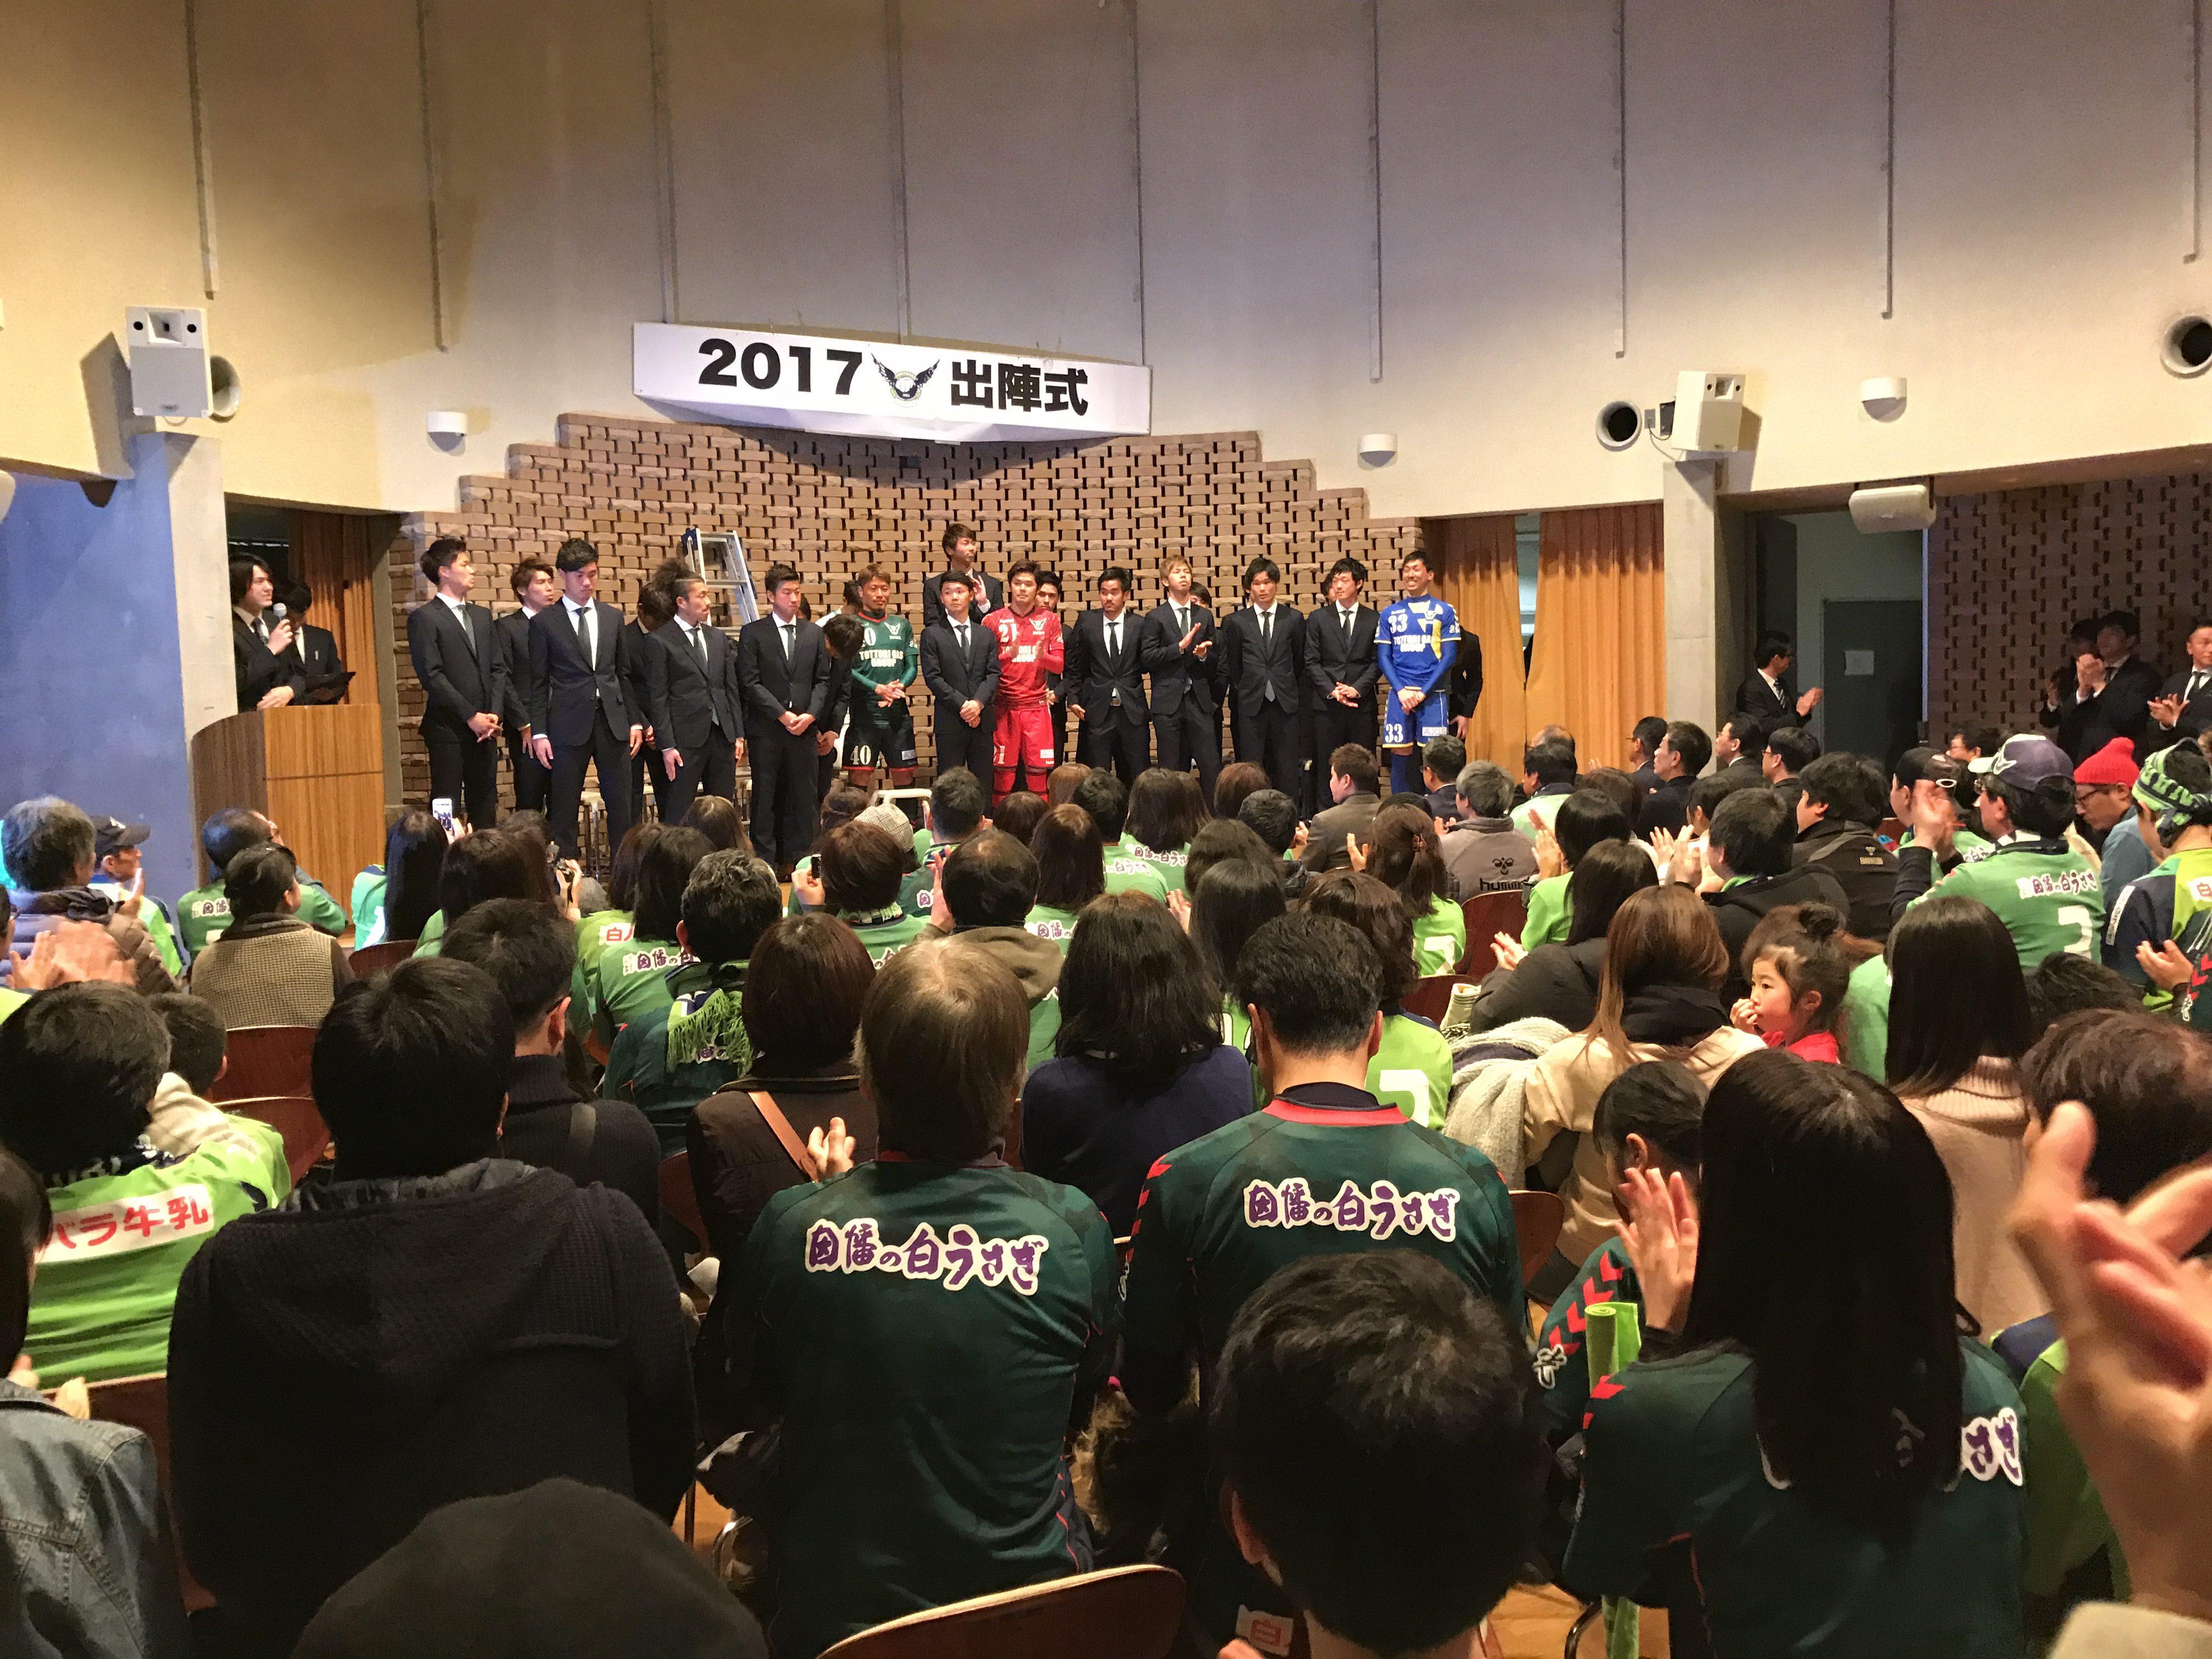 ガイナーレ鳥取の2017年シーズン出陣式に参加しました。